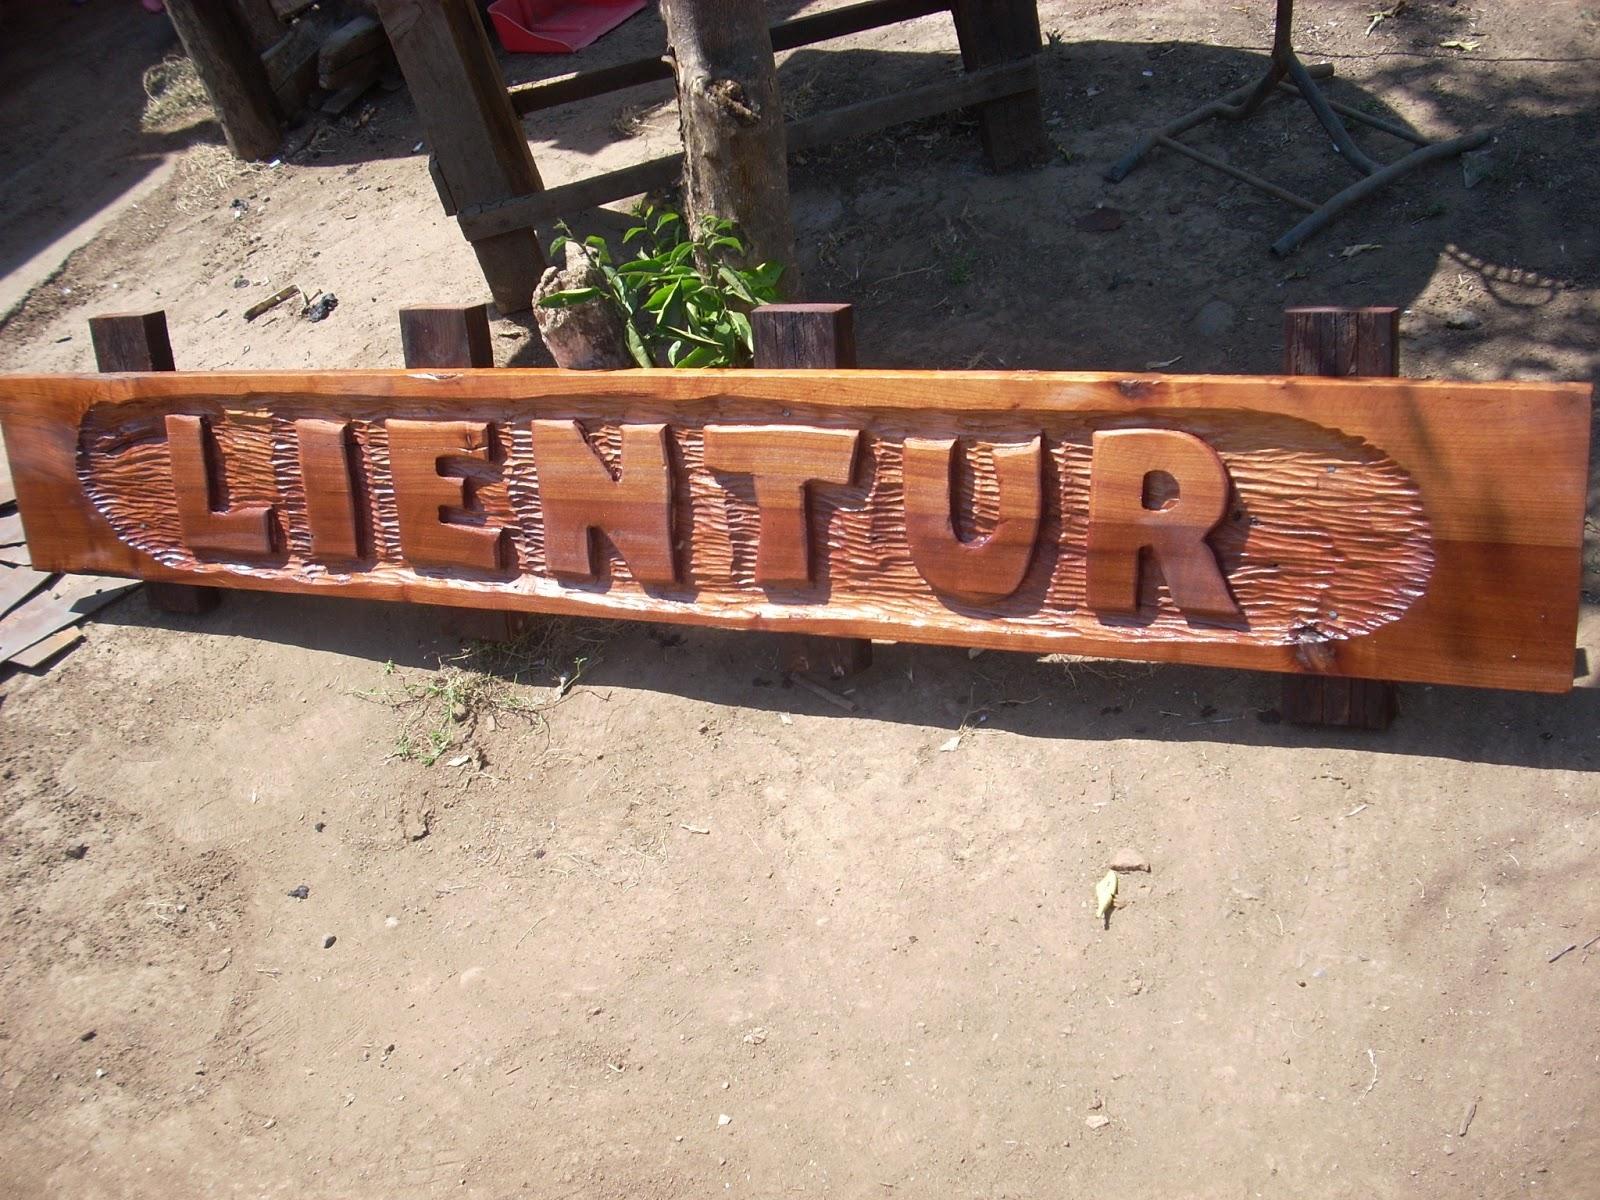 Letreros de madera galeria fotos 2 - Fotos en madera ...